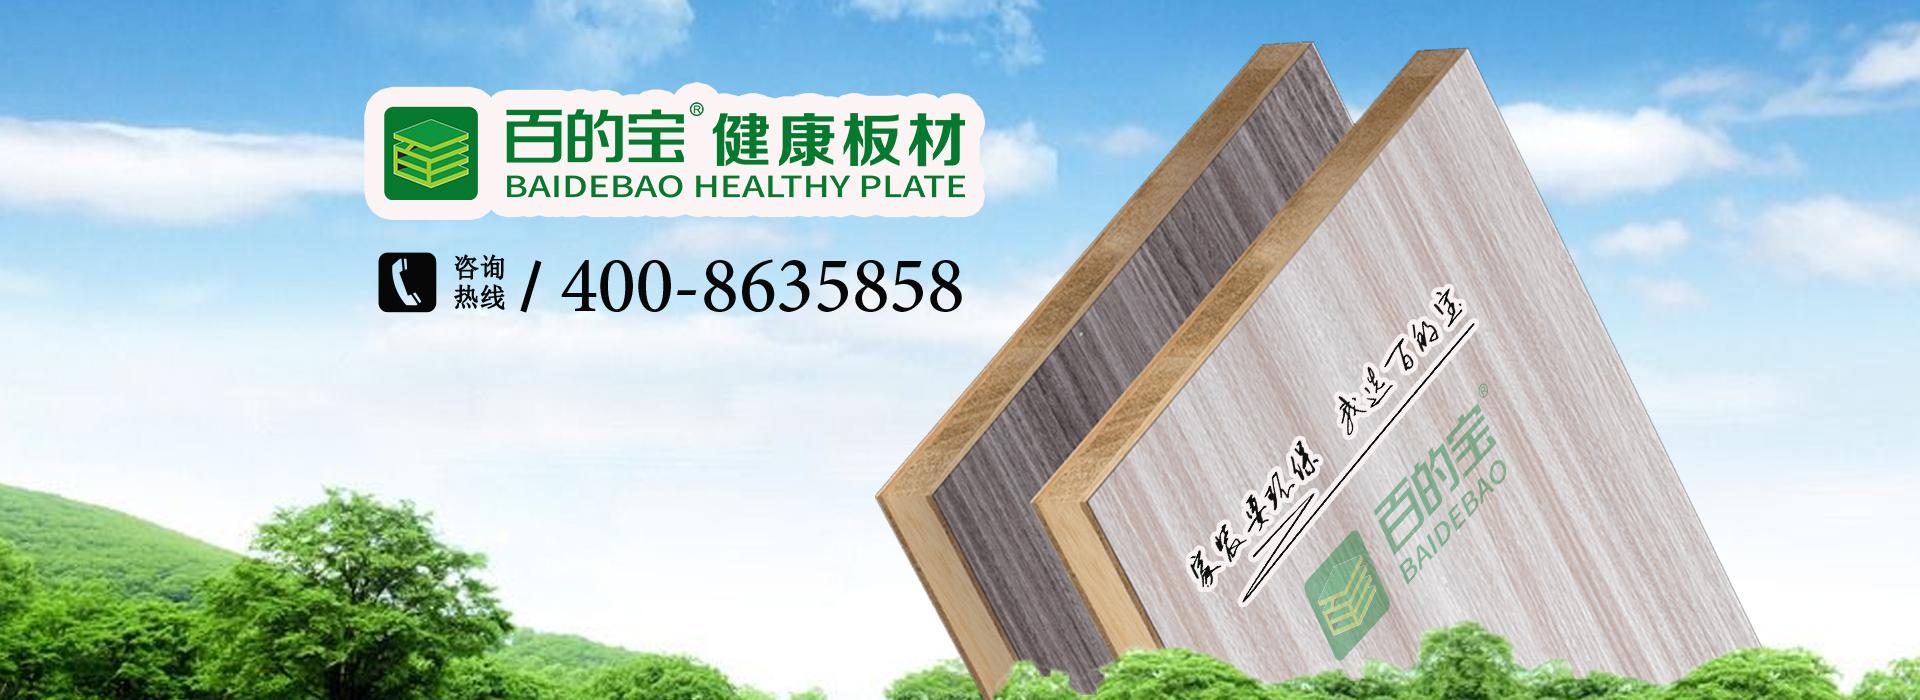 中国十大板材品牌百的宝:一个消费者能看见能记住的健康板材品牌